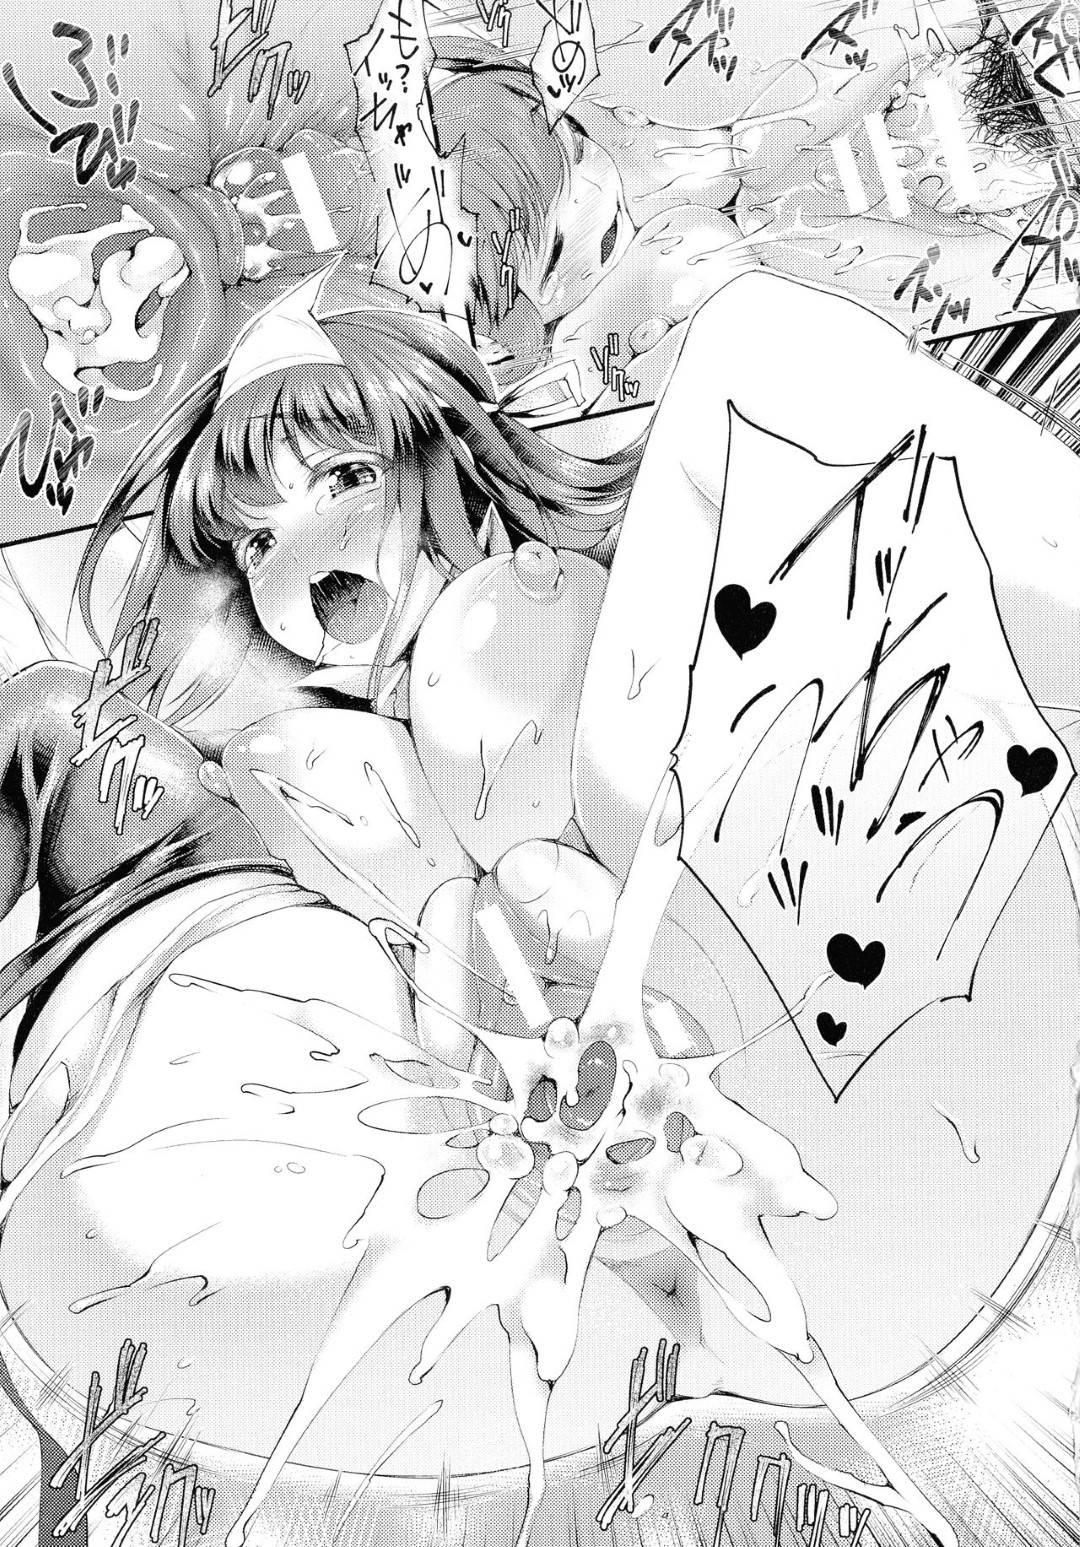 【エロ漫画】事故物件に住む主人公と同居する幽霊のムチムチお姉さん…従順で淫乱な彼女は彼にフェラやパイズリをして射精させたり、生ハメセックスさせたりする!【大平さんせっと:202号室の幽霊さん】